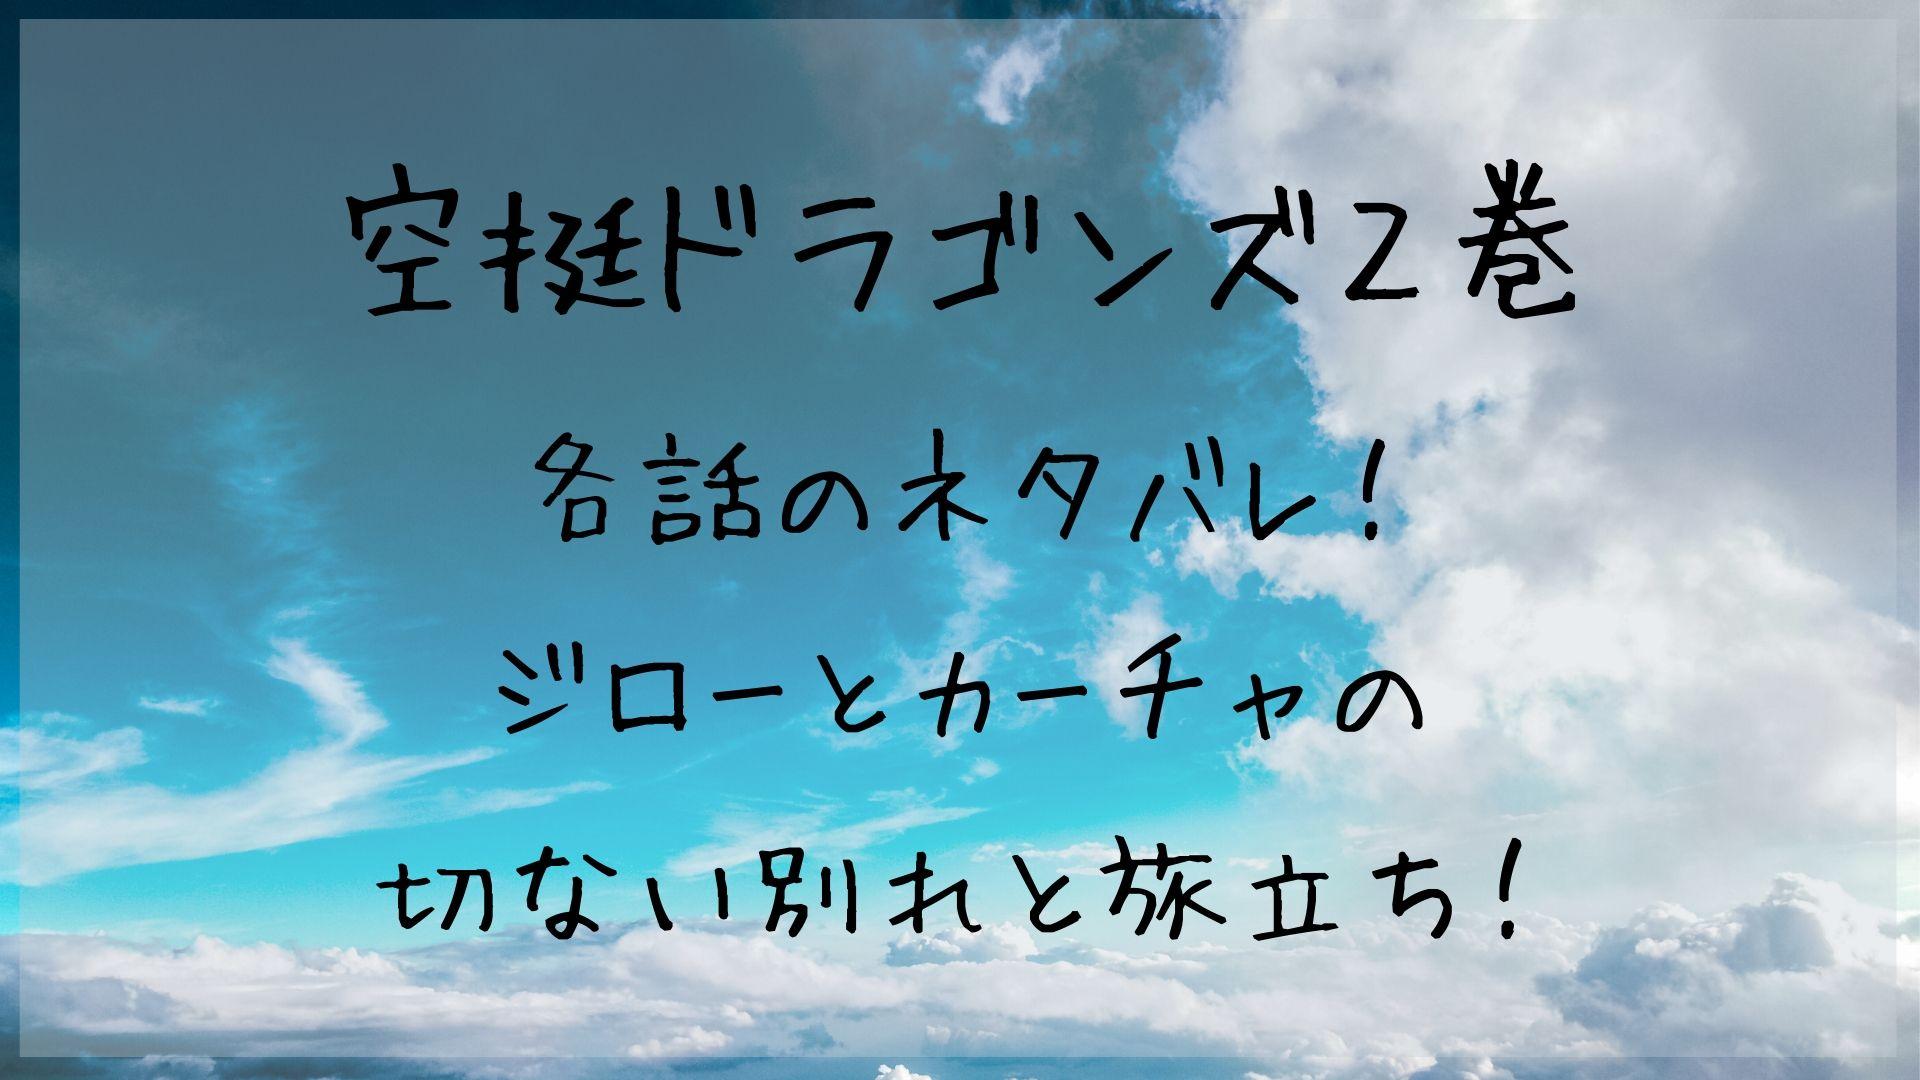 【空挺ドラゴンズ】ジローとカーチャの切ない別れと旅立ち!2巻ネタバレ!